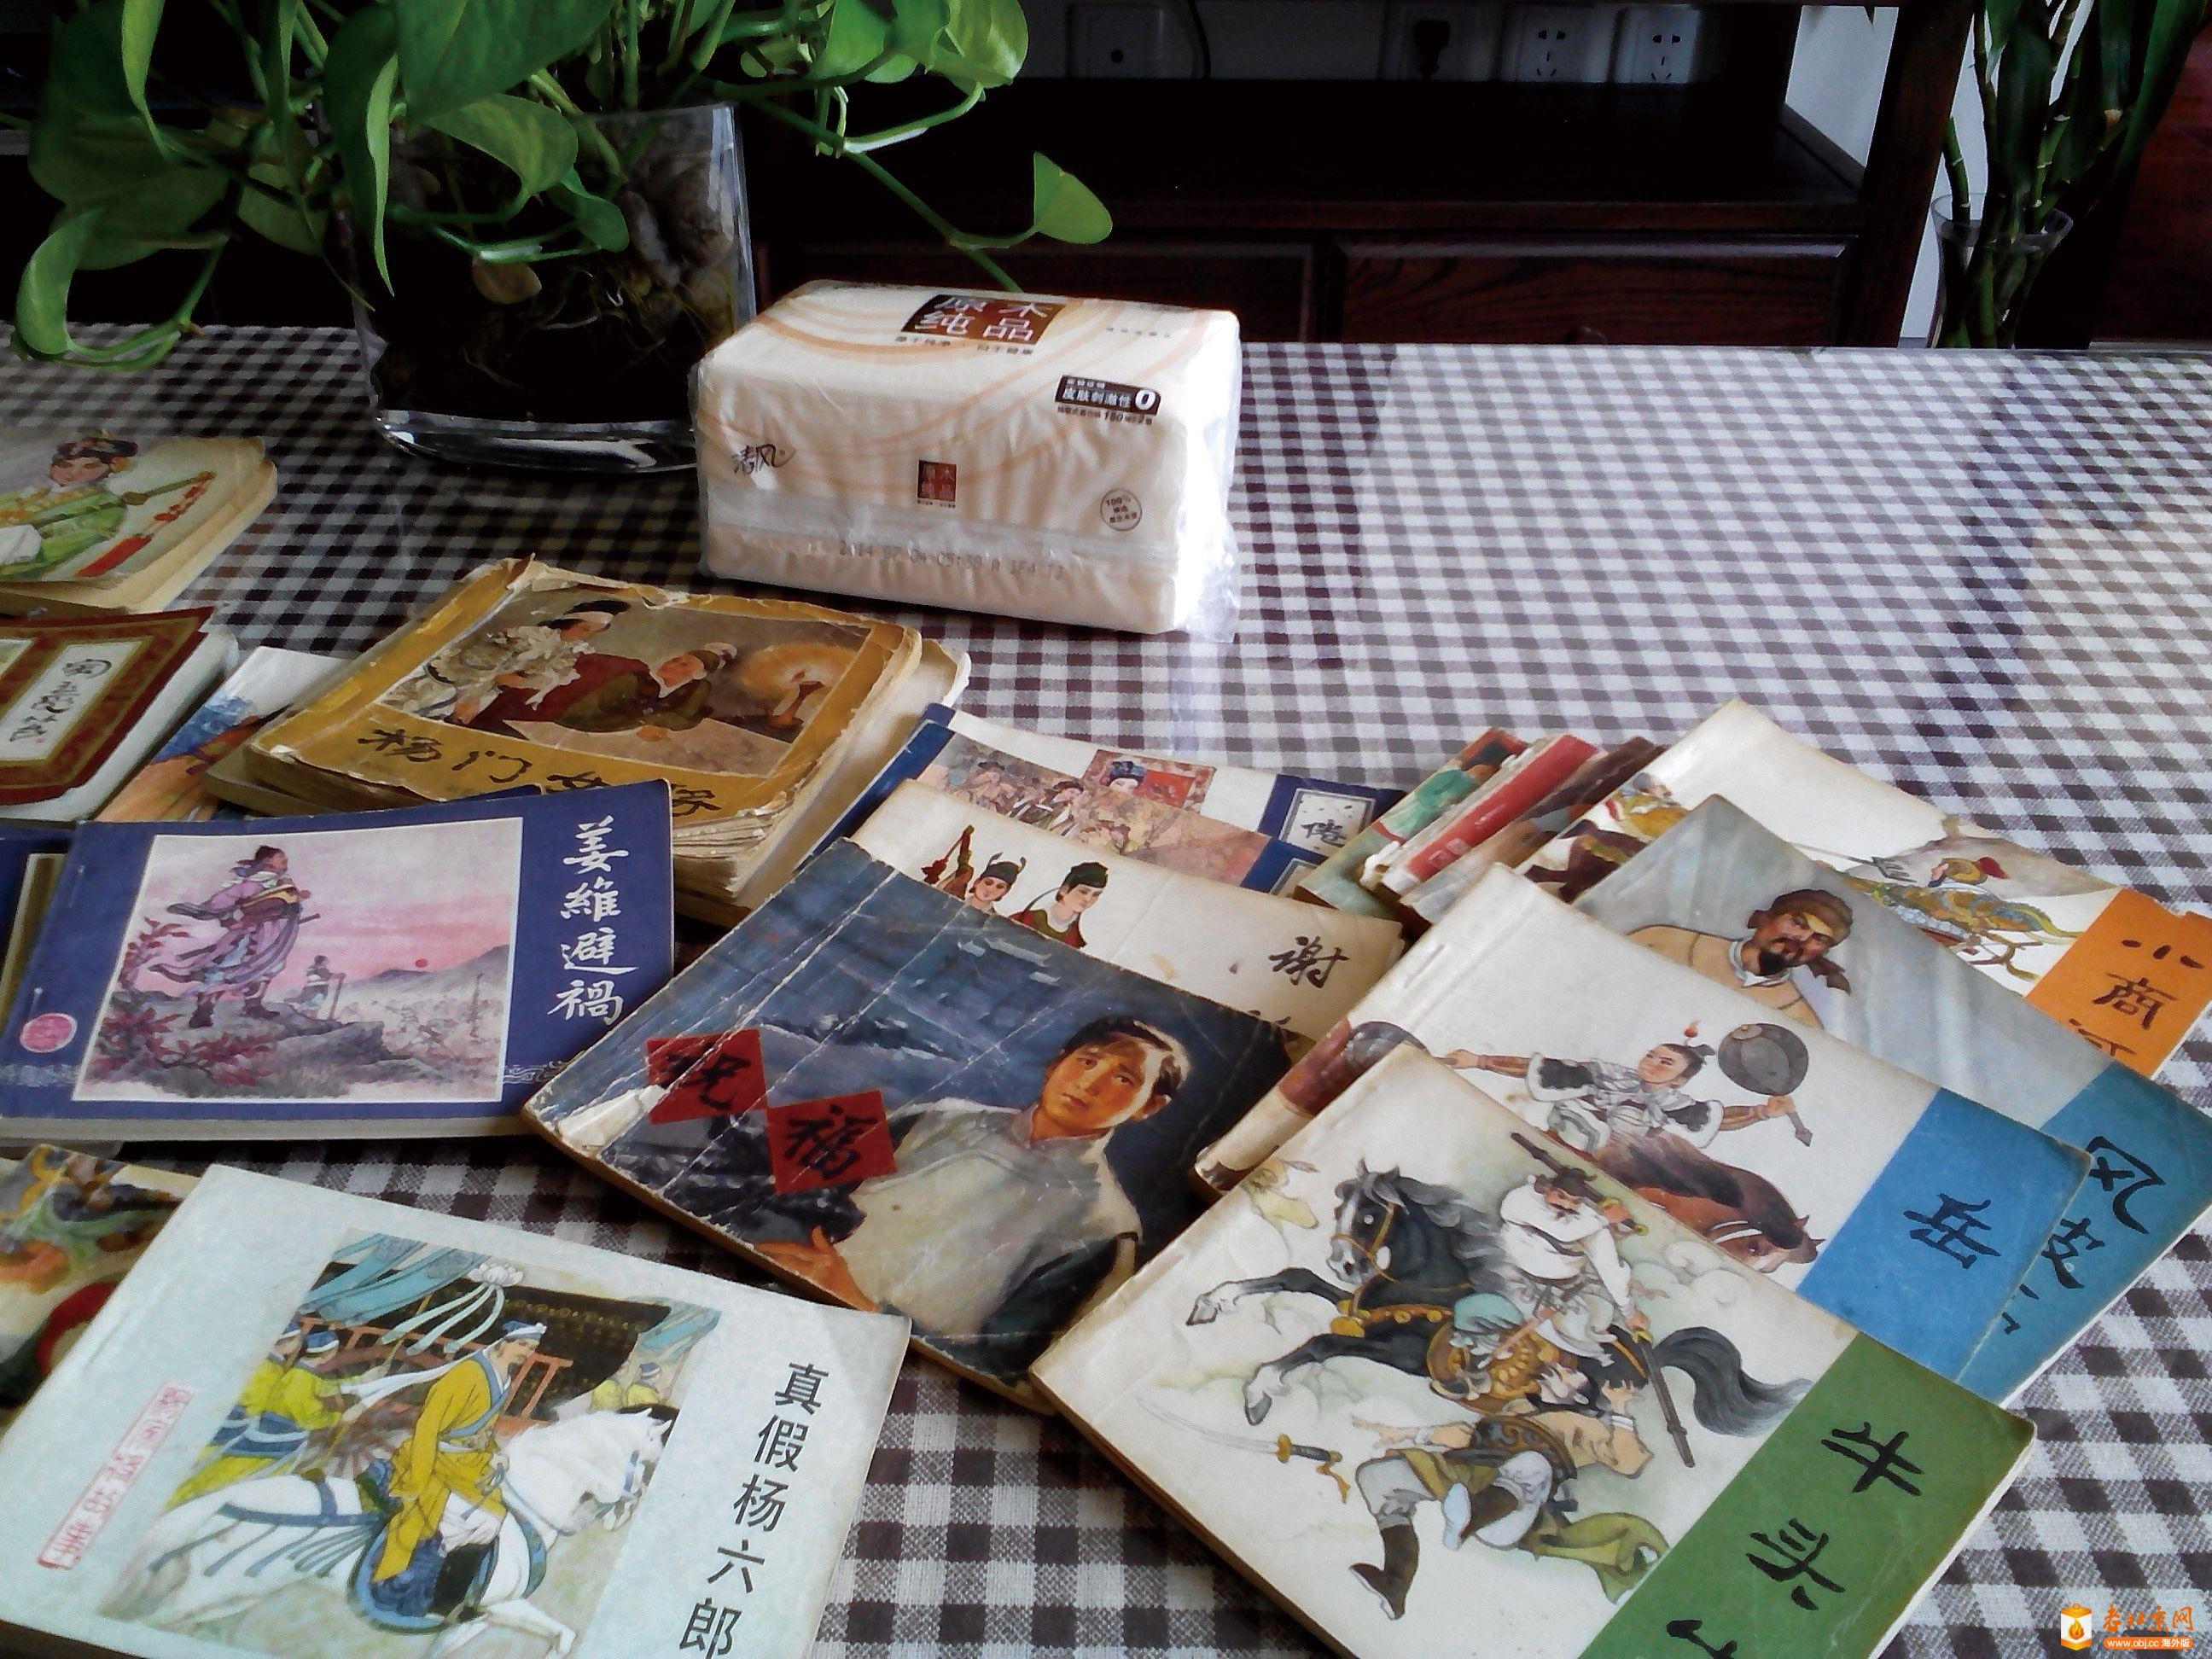 翻箱底儿,我的小姨儿书